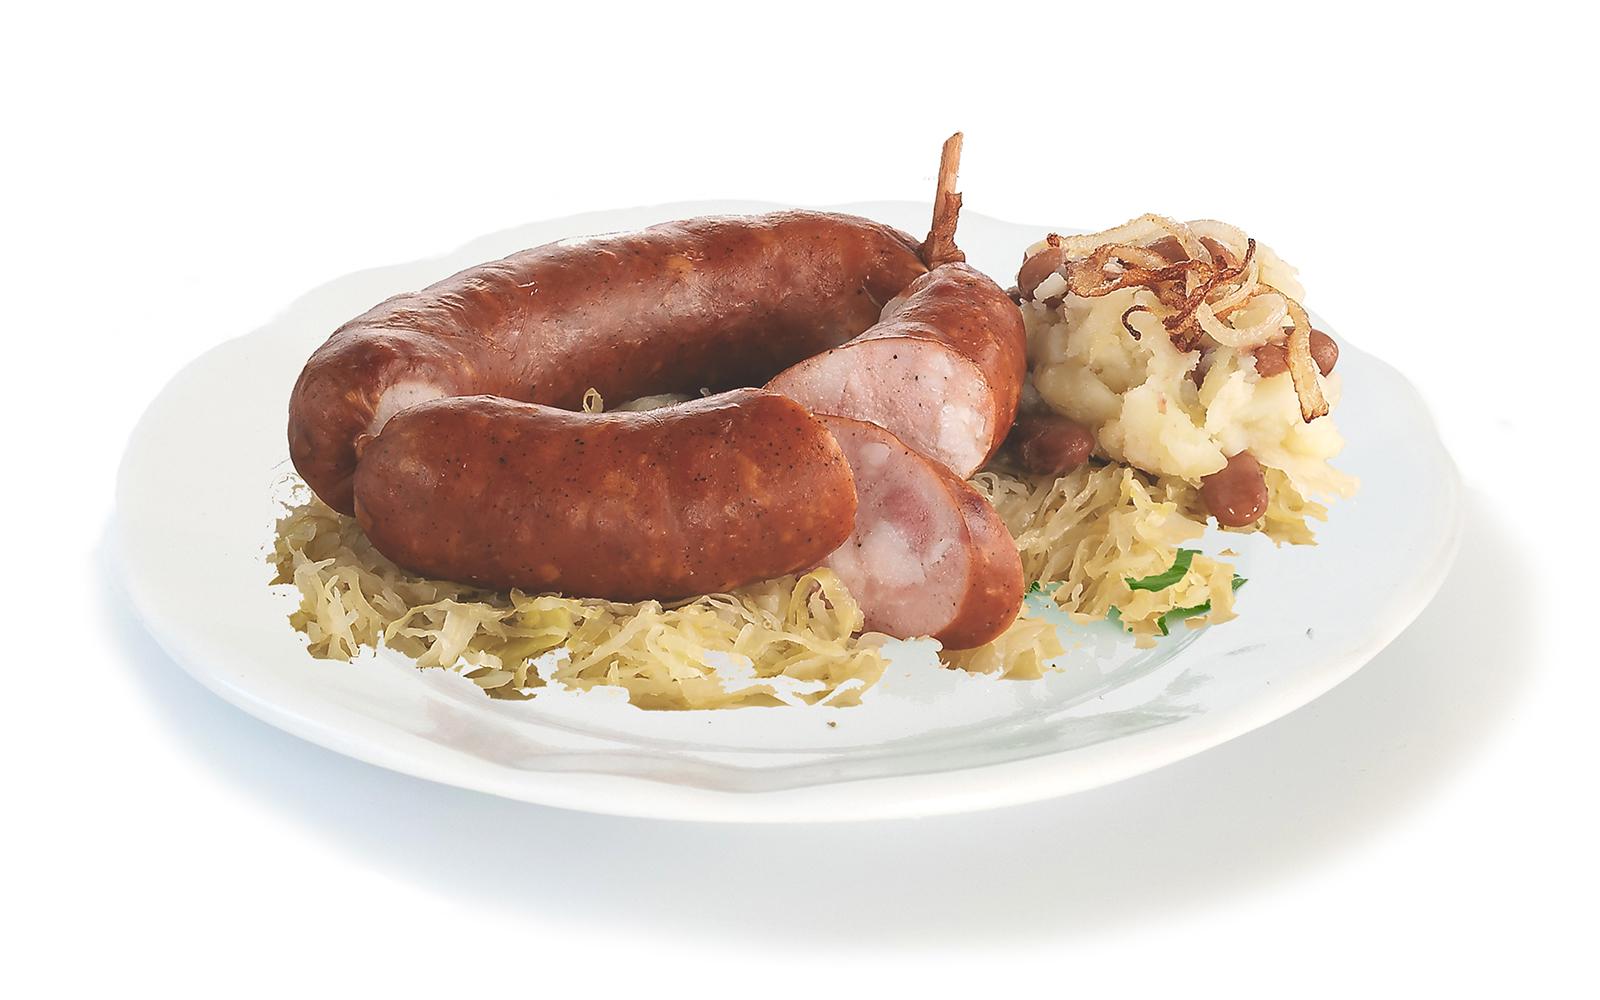 Slovenian food - kranjska klobasa